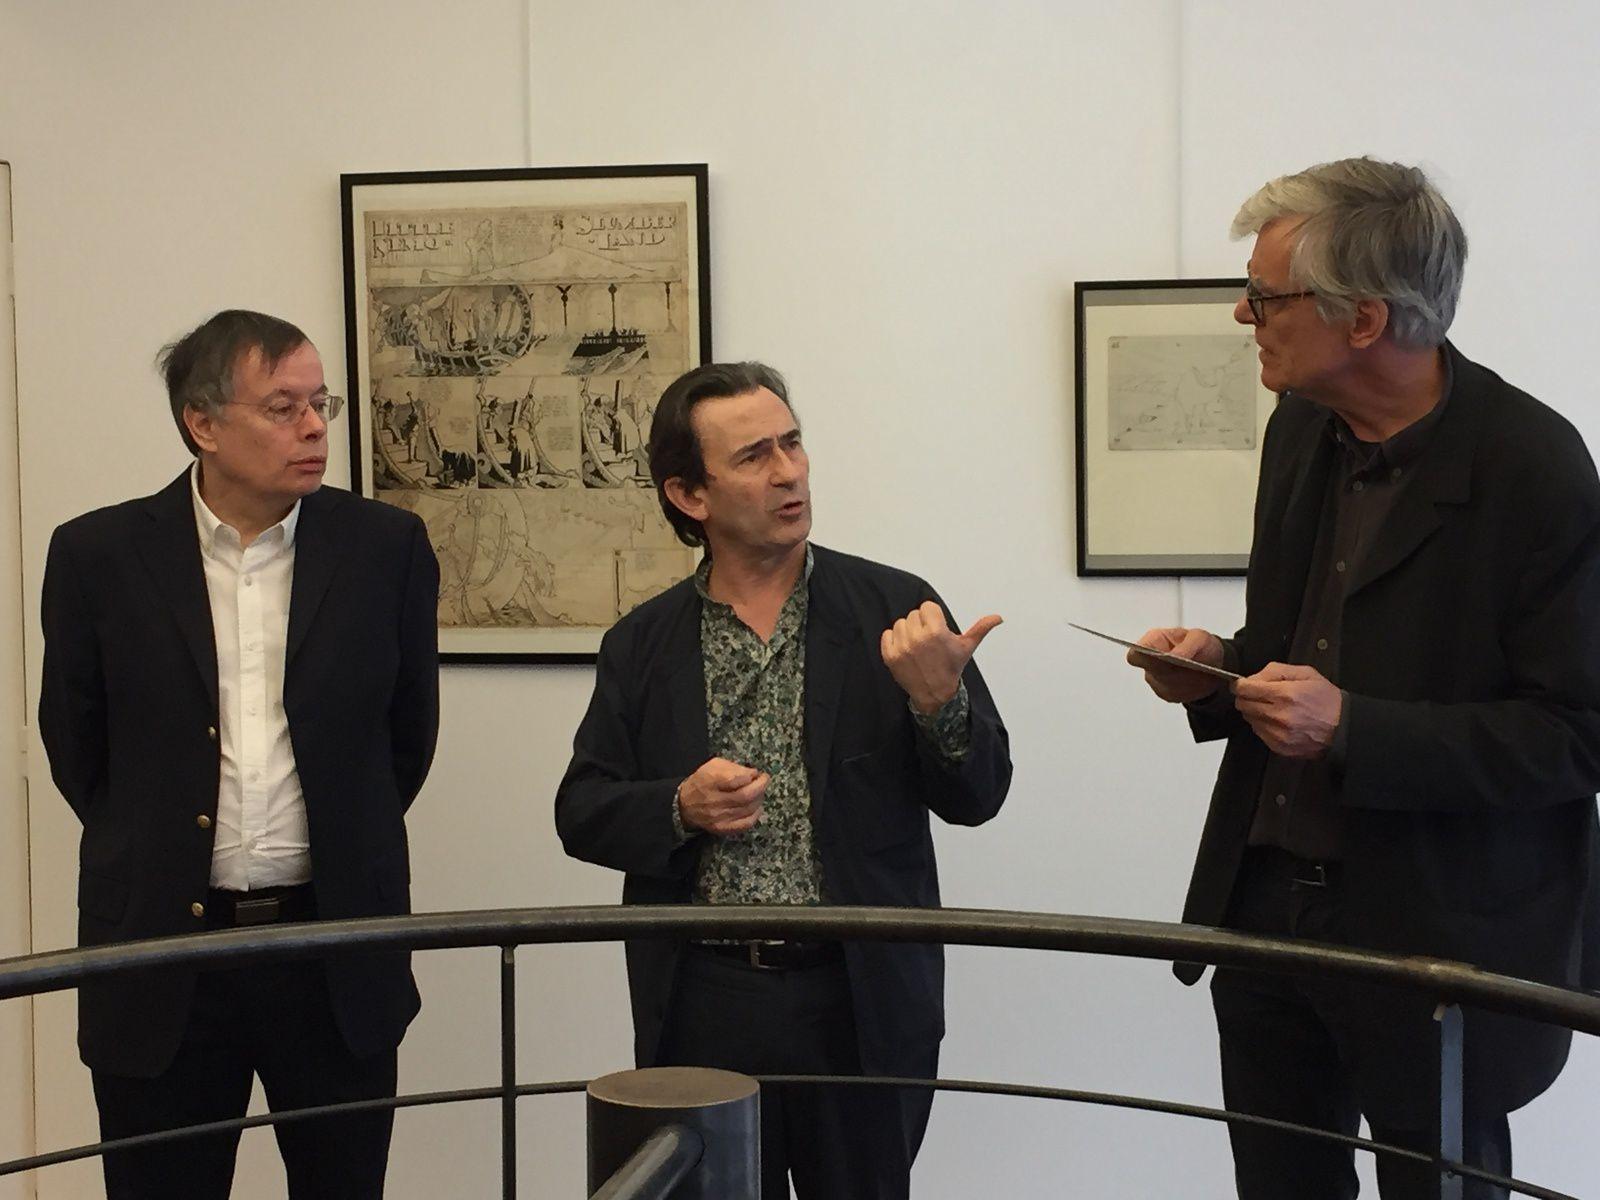 Bernard Mahé, Benoît Peeters et François Schuiten, lors de la conférence de presse Biennale 2017 à la galerie 9e Art à Paris, vendredi 17 mars